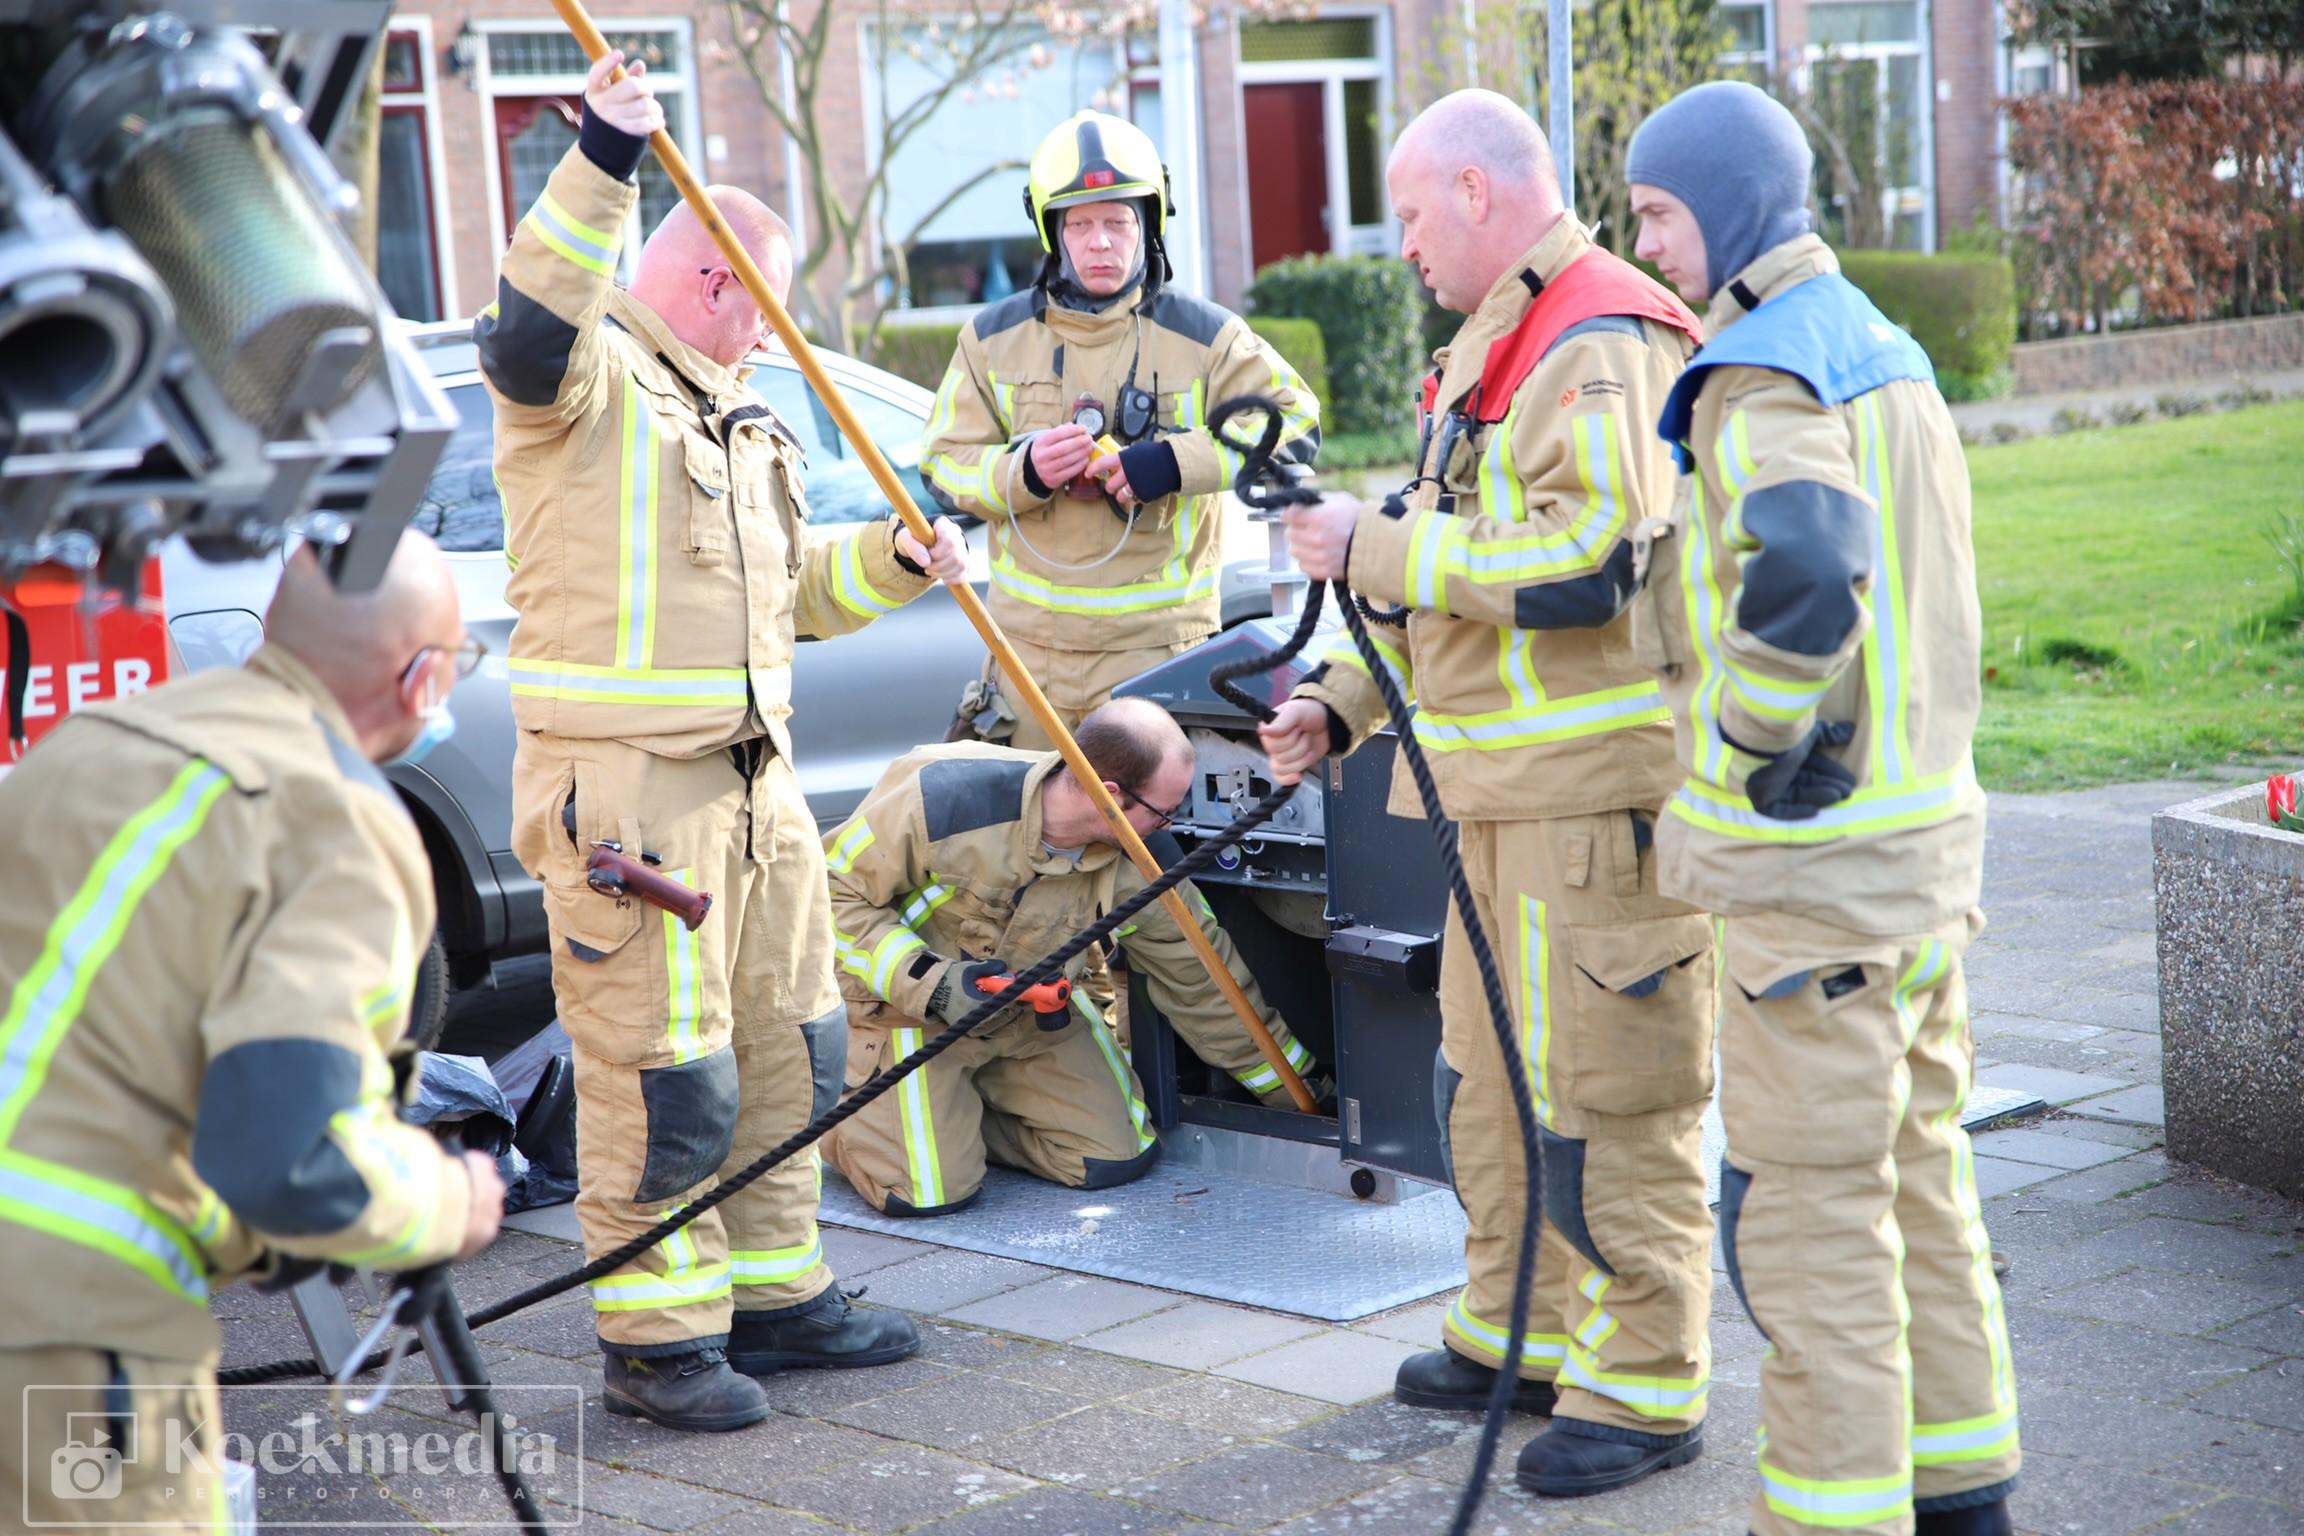 Sleutels per ongeluk in ondergrondse container: brandweer Schipluiden helpt